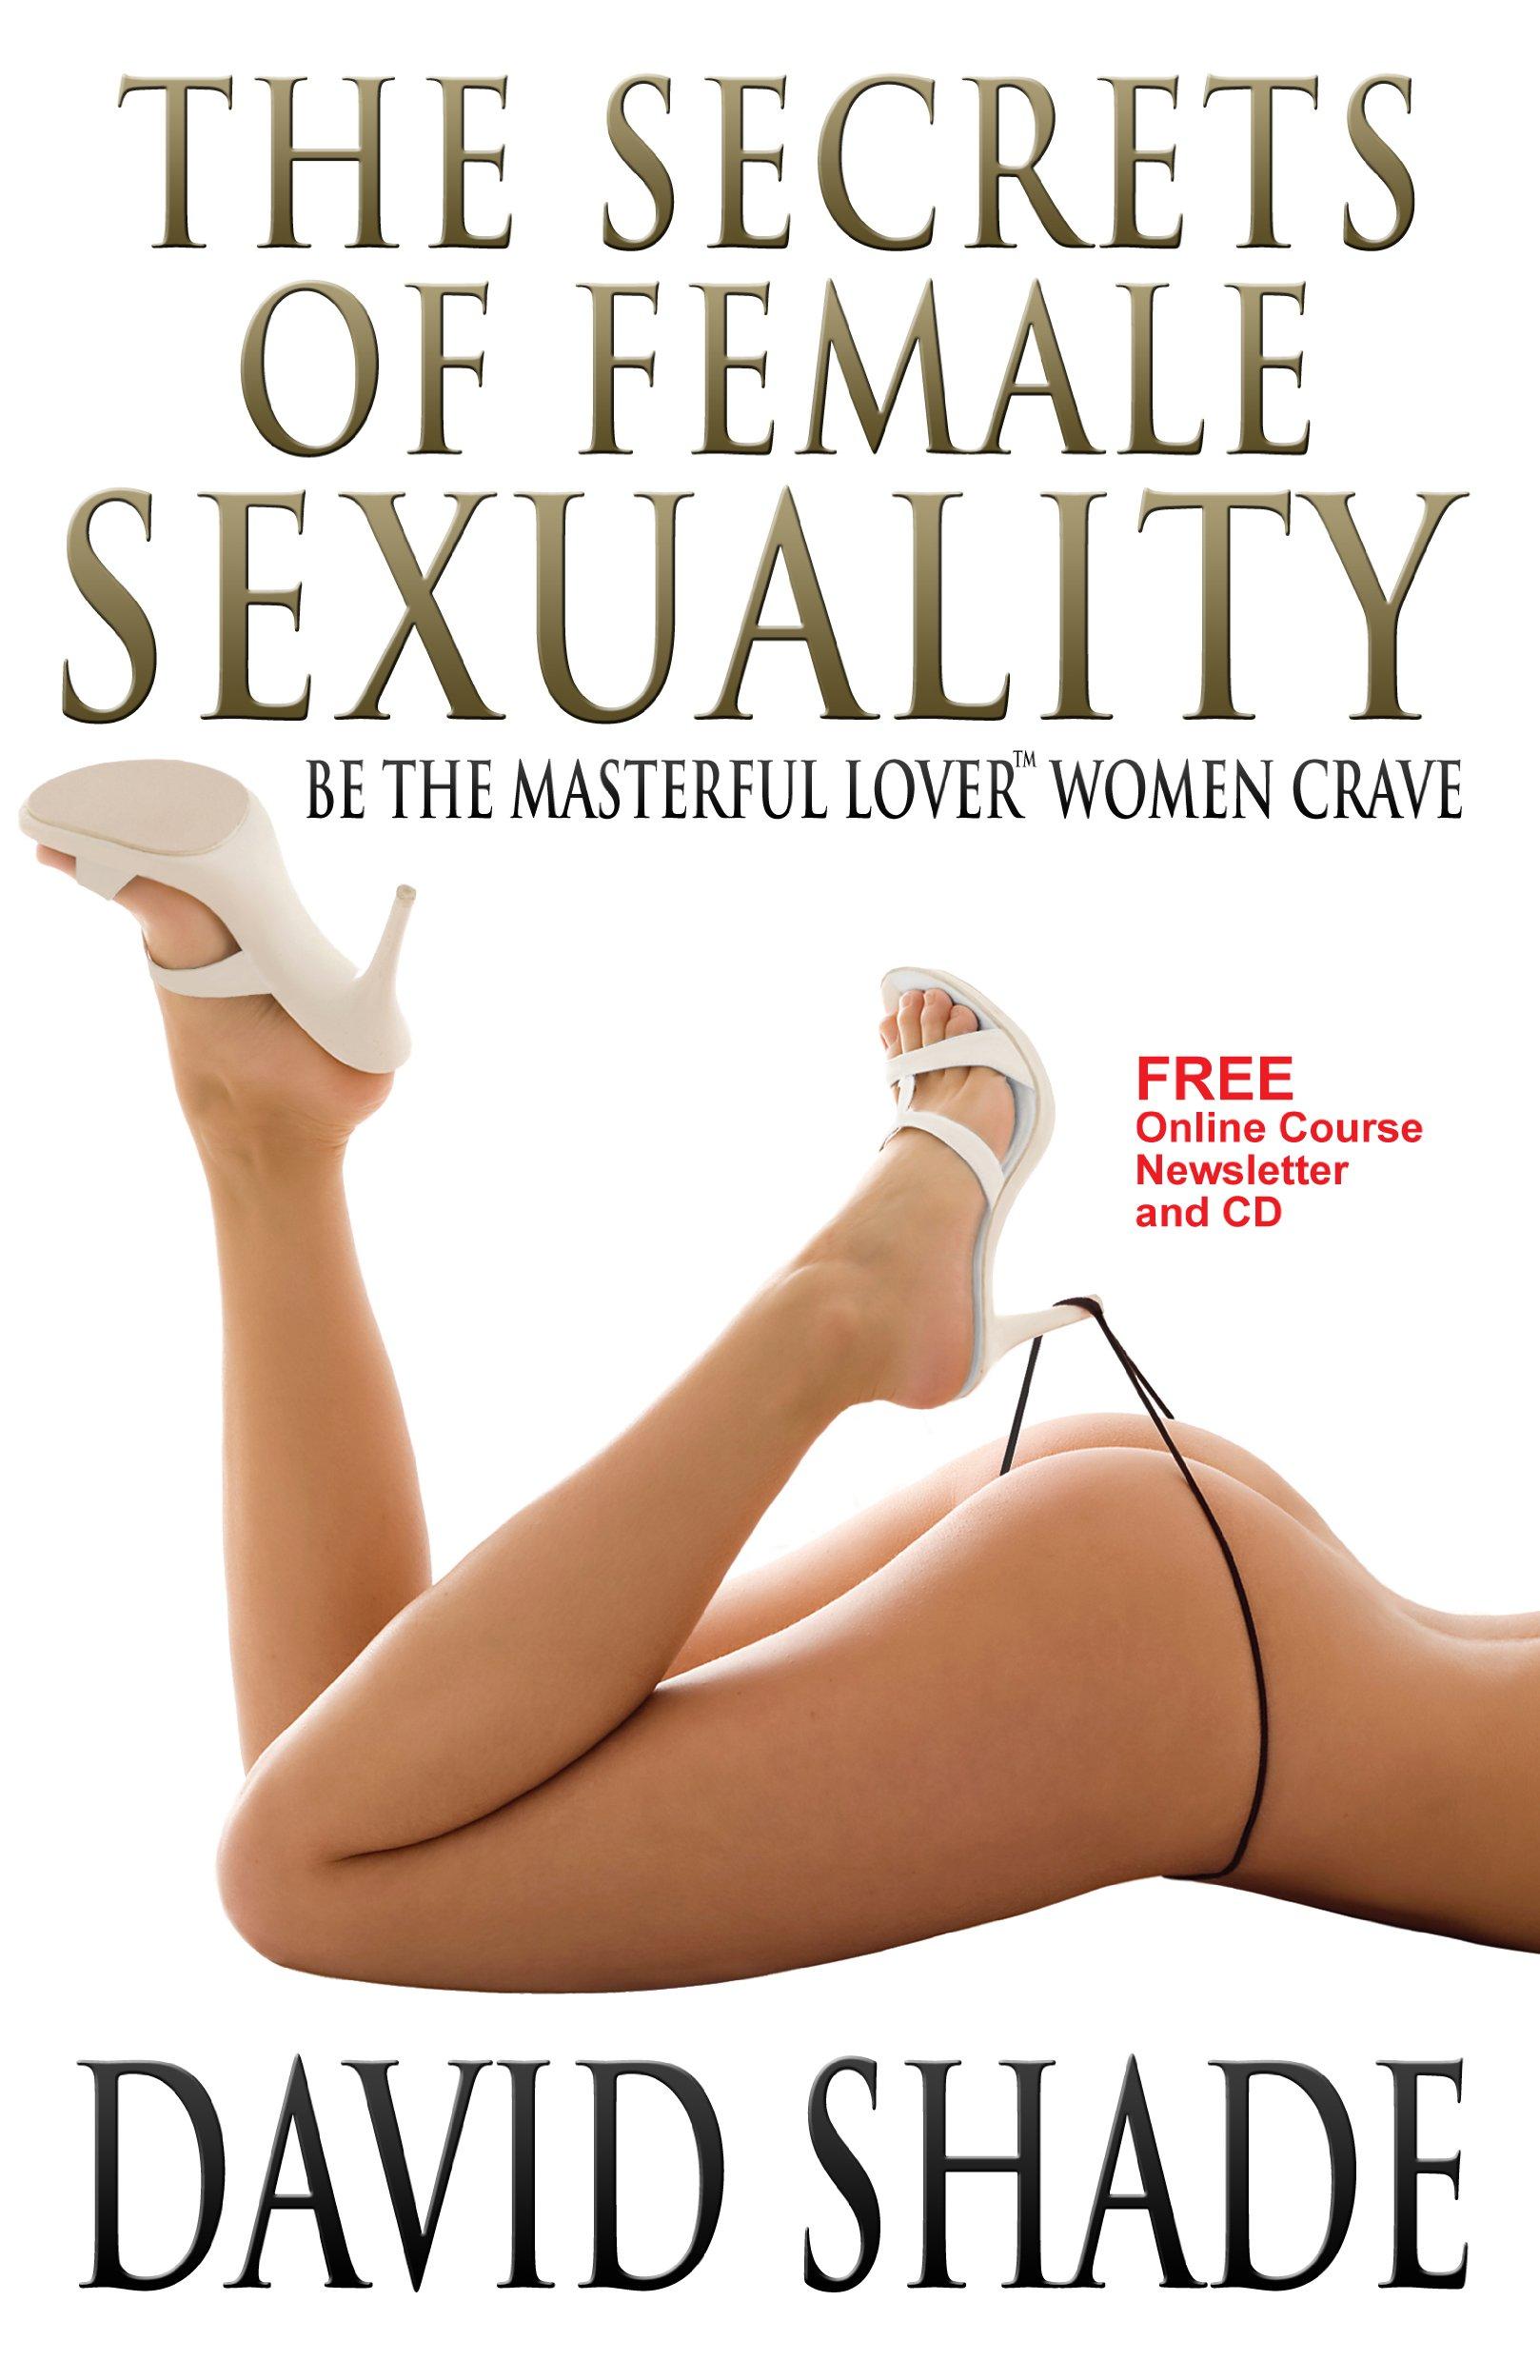 price-nude-women-crave-sex-nude